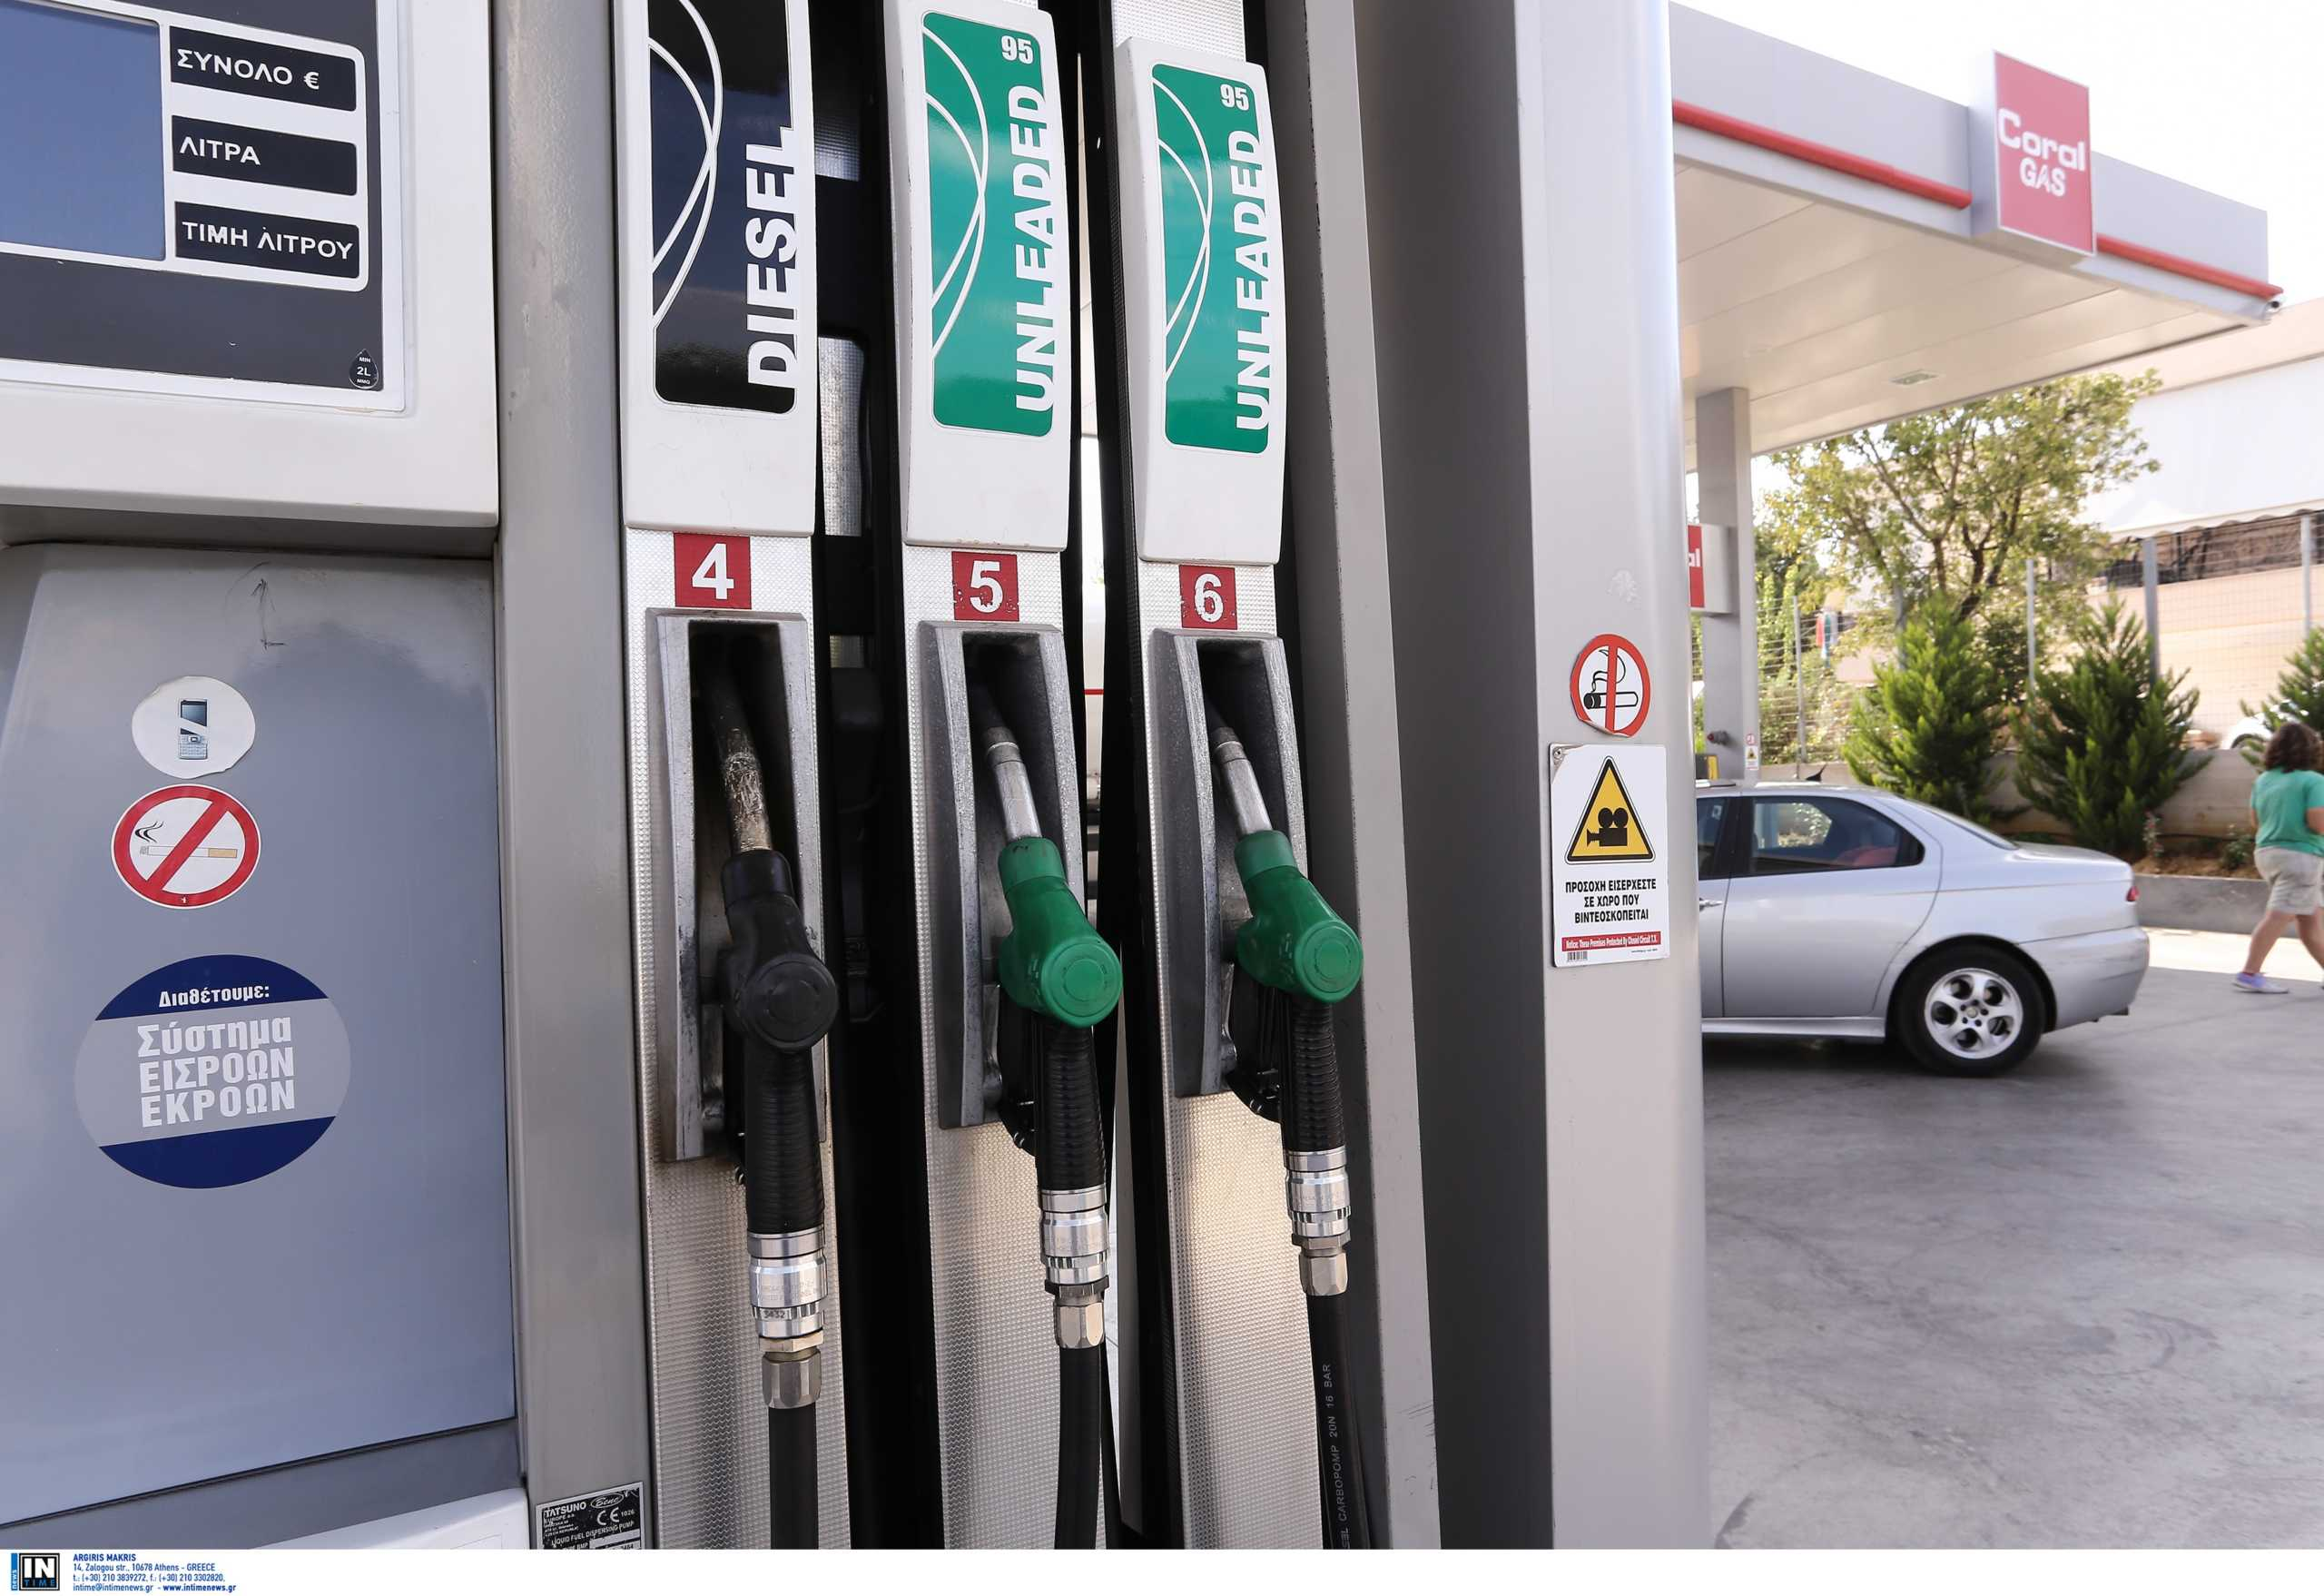 Υπουργείο Ενέργειας για τις ουρές στα πρατήρια καυσίμων λόγω κορονοϊού